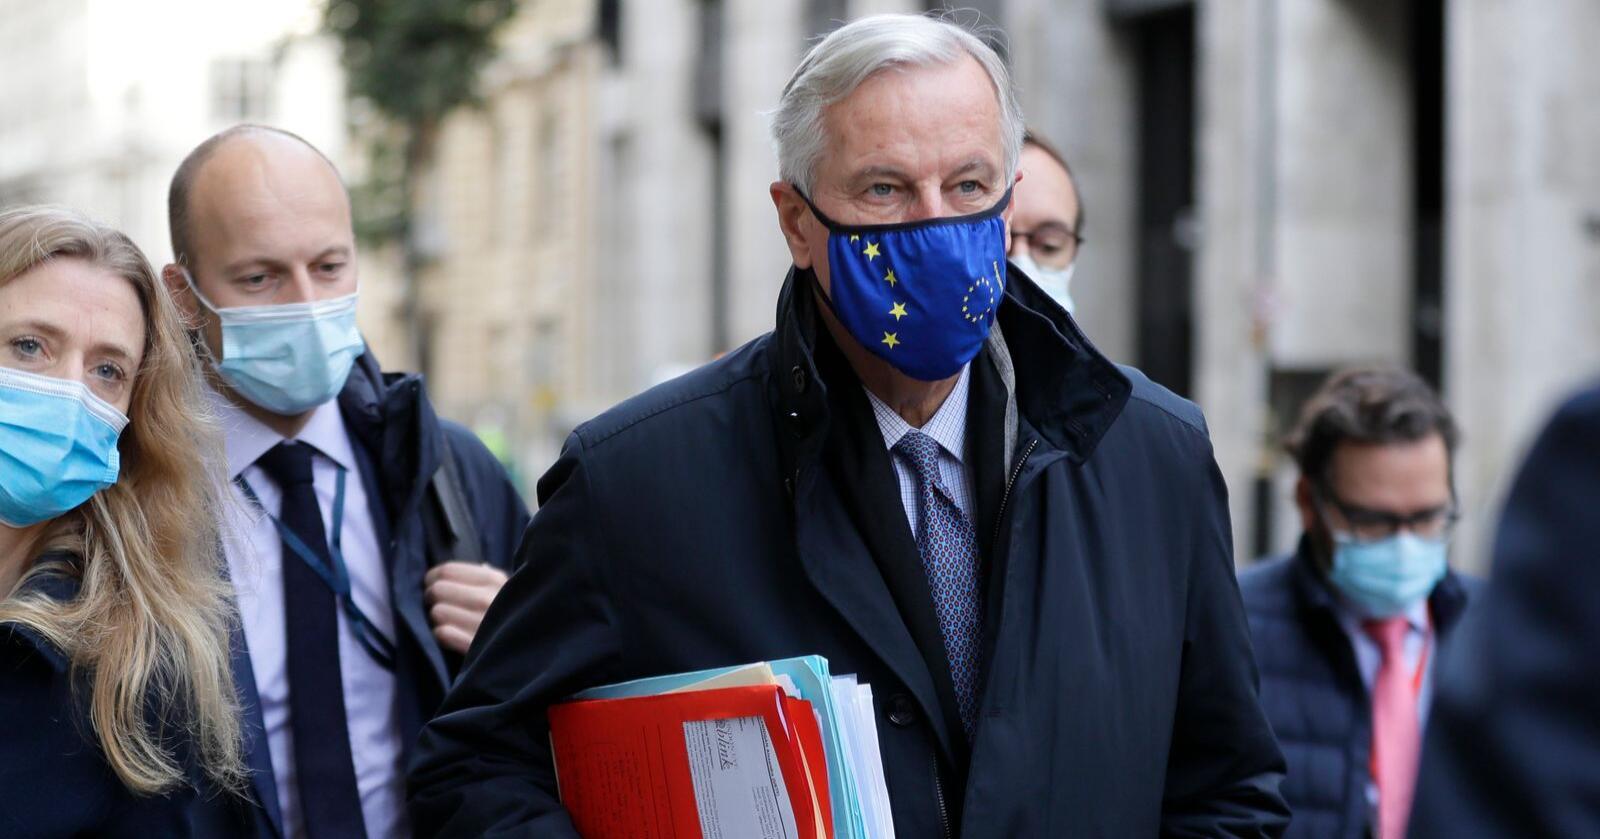 EUs sjefforhandler Michel Barnier har den siste uken vært i London, men skal etter planen tilbake til Brussel torsdag for å fortsette forhandlingene med britene der. Foto: Kirsty Wigglesworth / AP / NTB